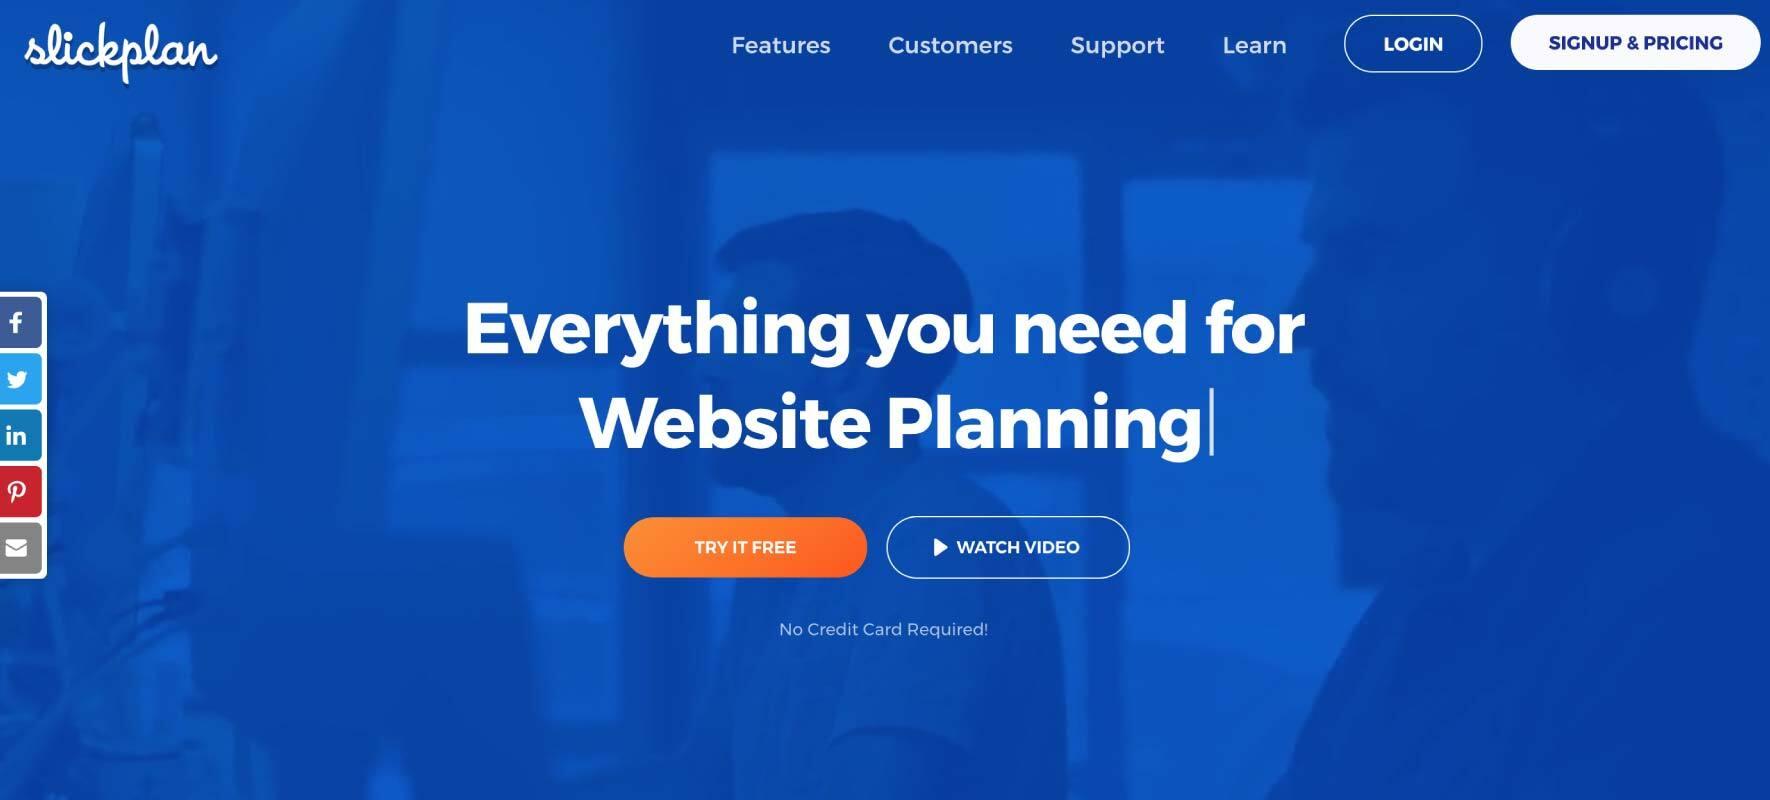 Best Sitemap Generator Tools Slickplan